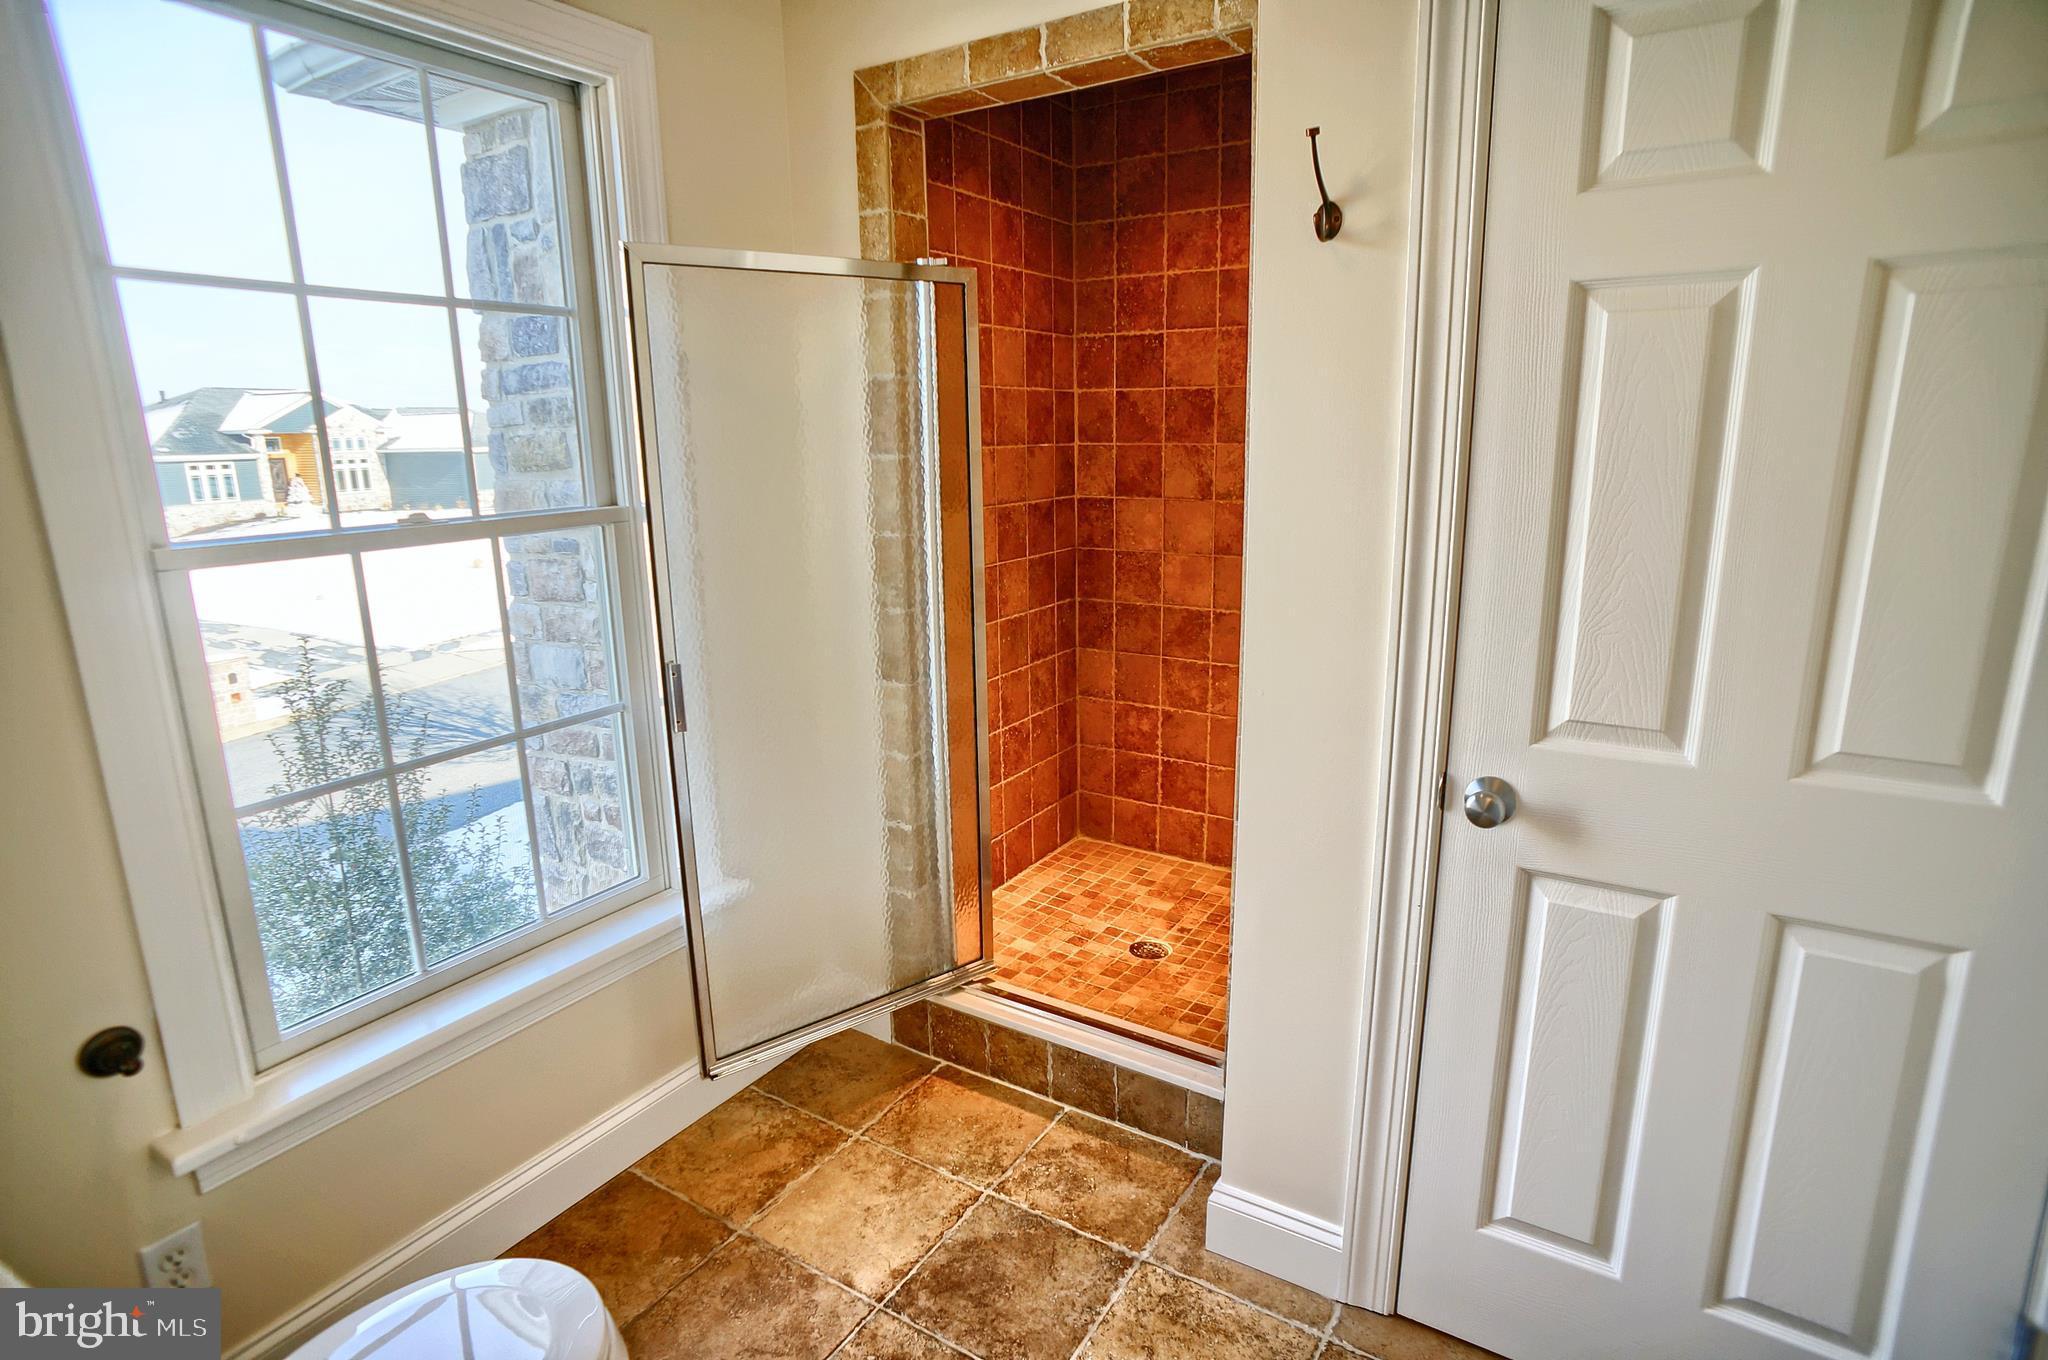 Master bathroom - 2nd floor